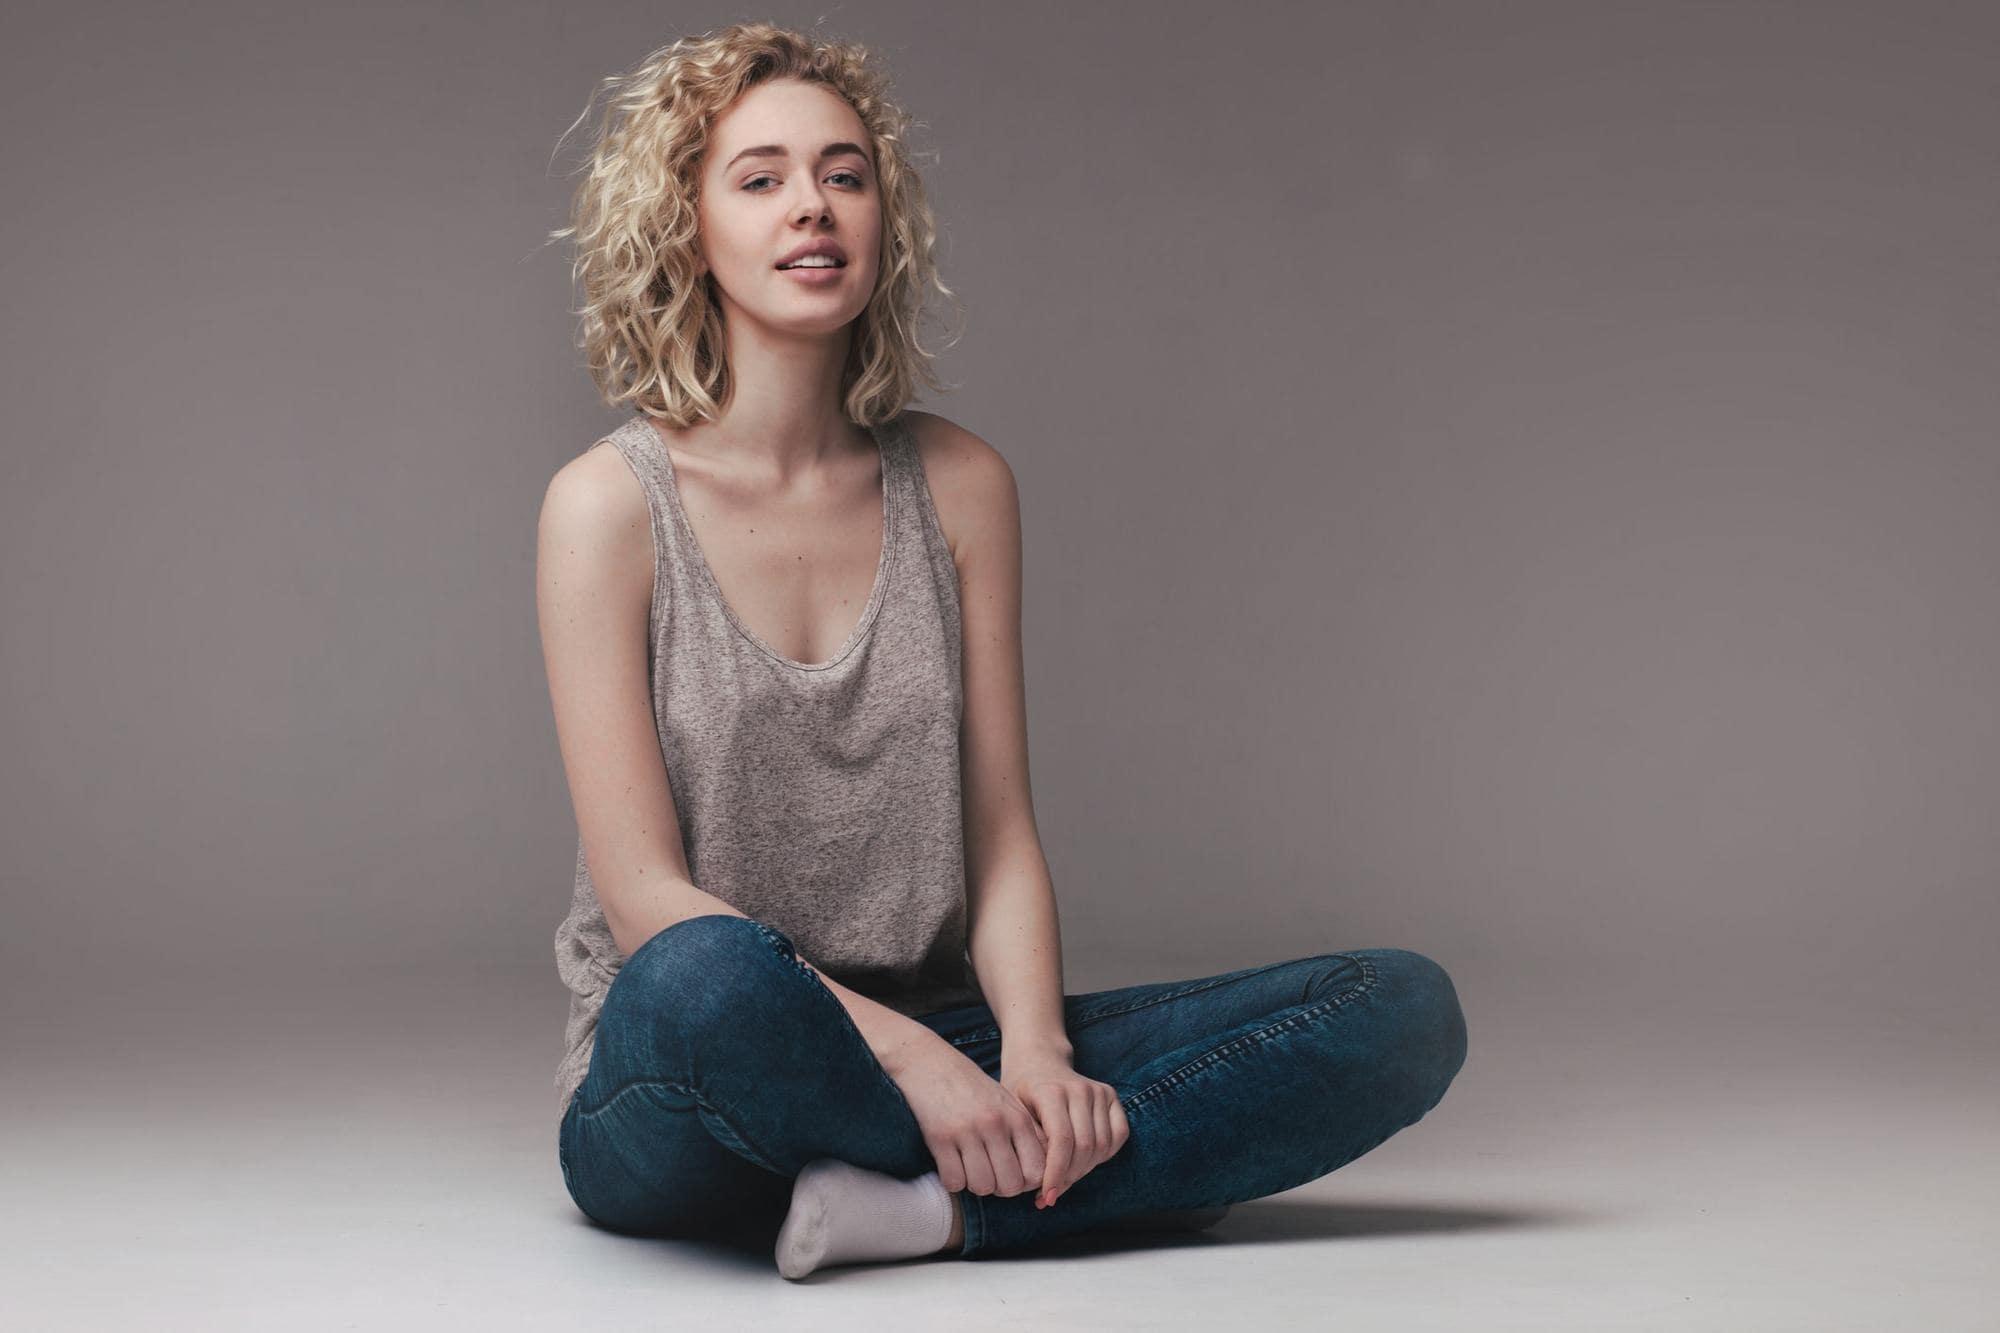 type 3 hair blonde girl sitting